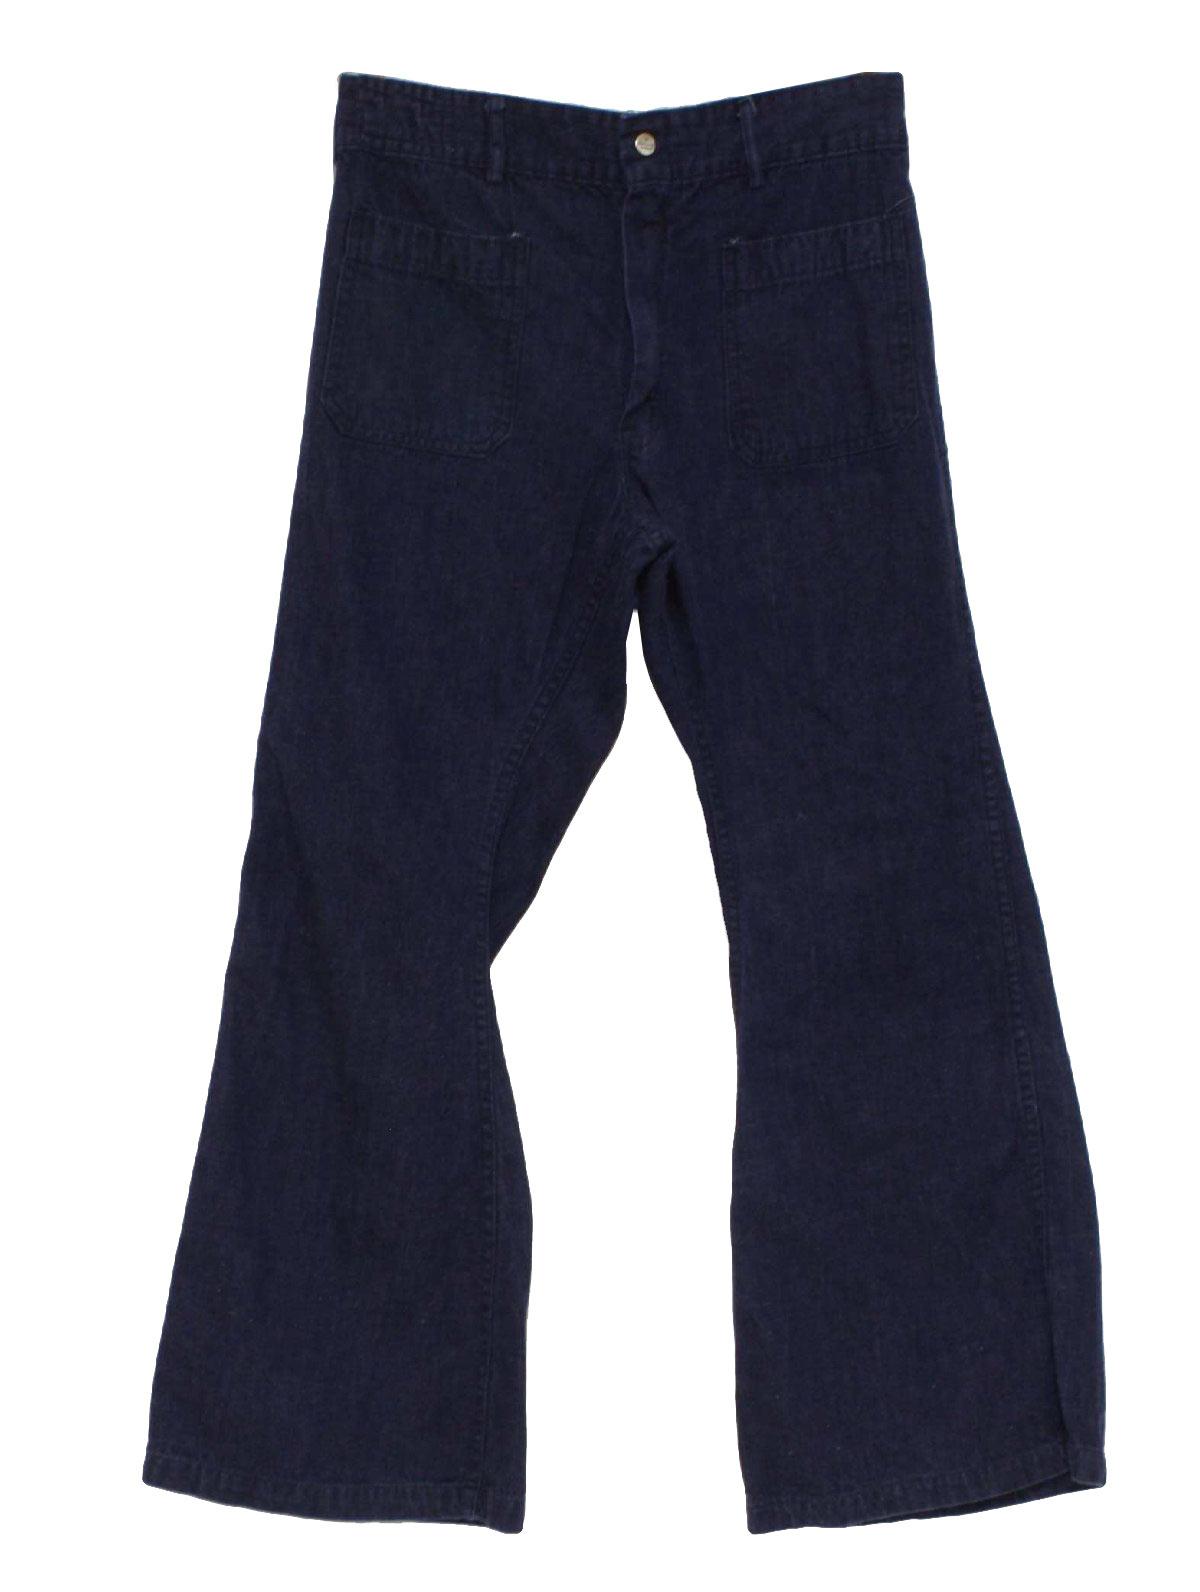 Vintage Seafarer 1970s Bellbottom Pants: 70s -Seafarer- Mens denim ...